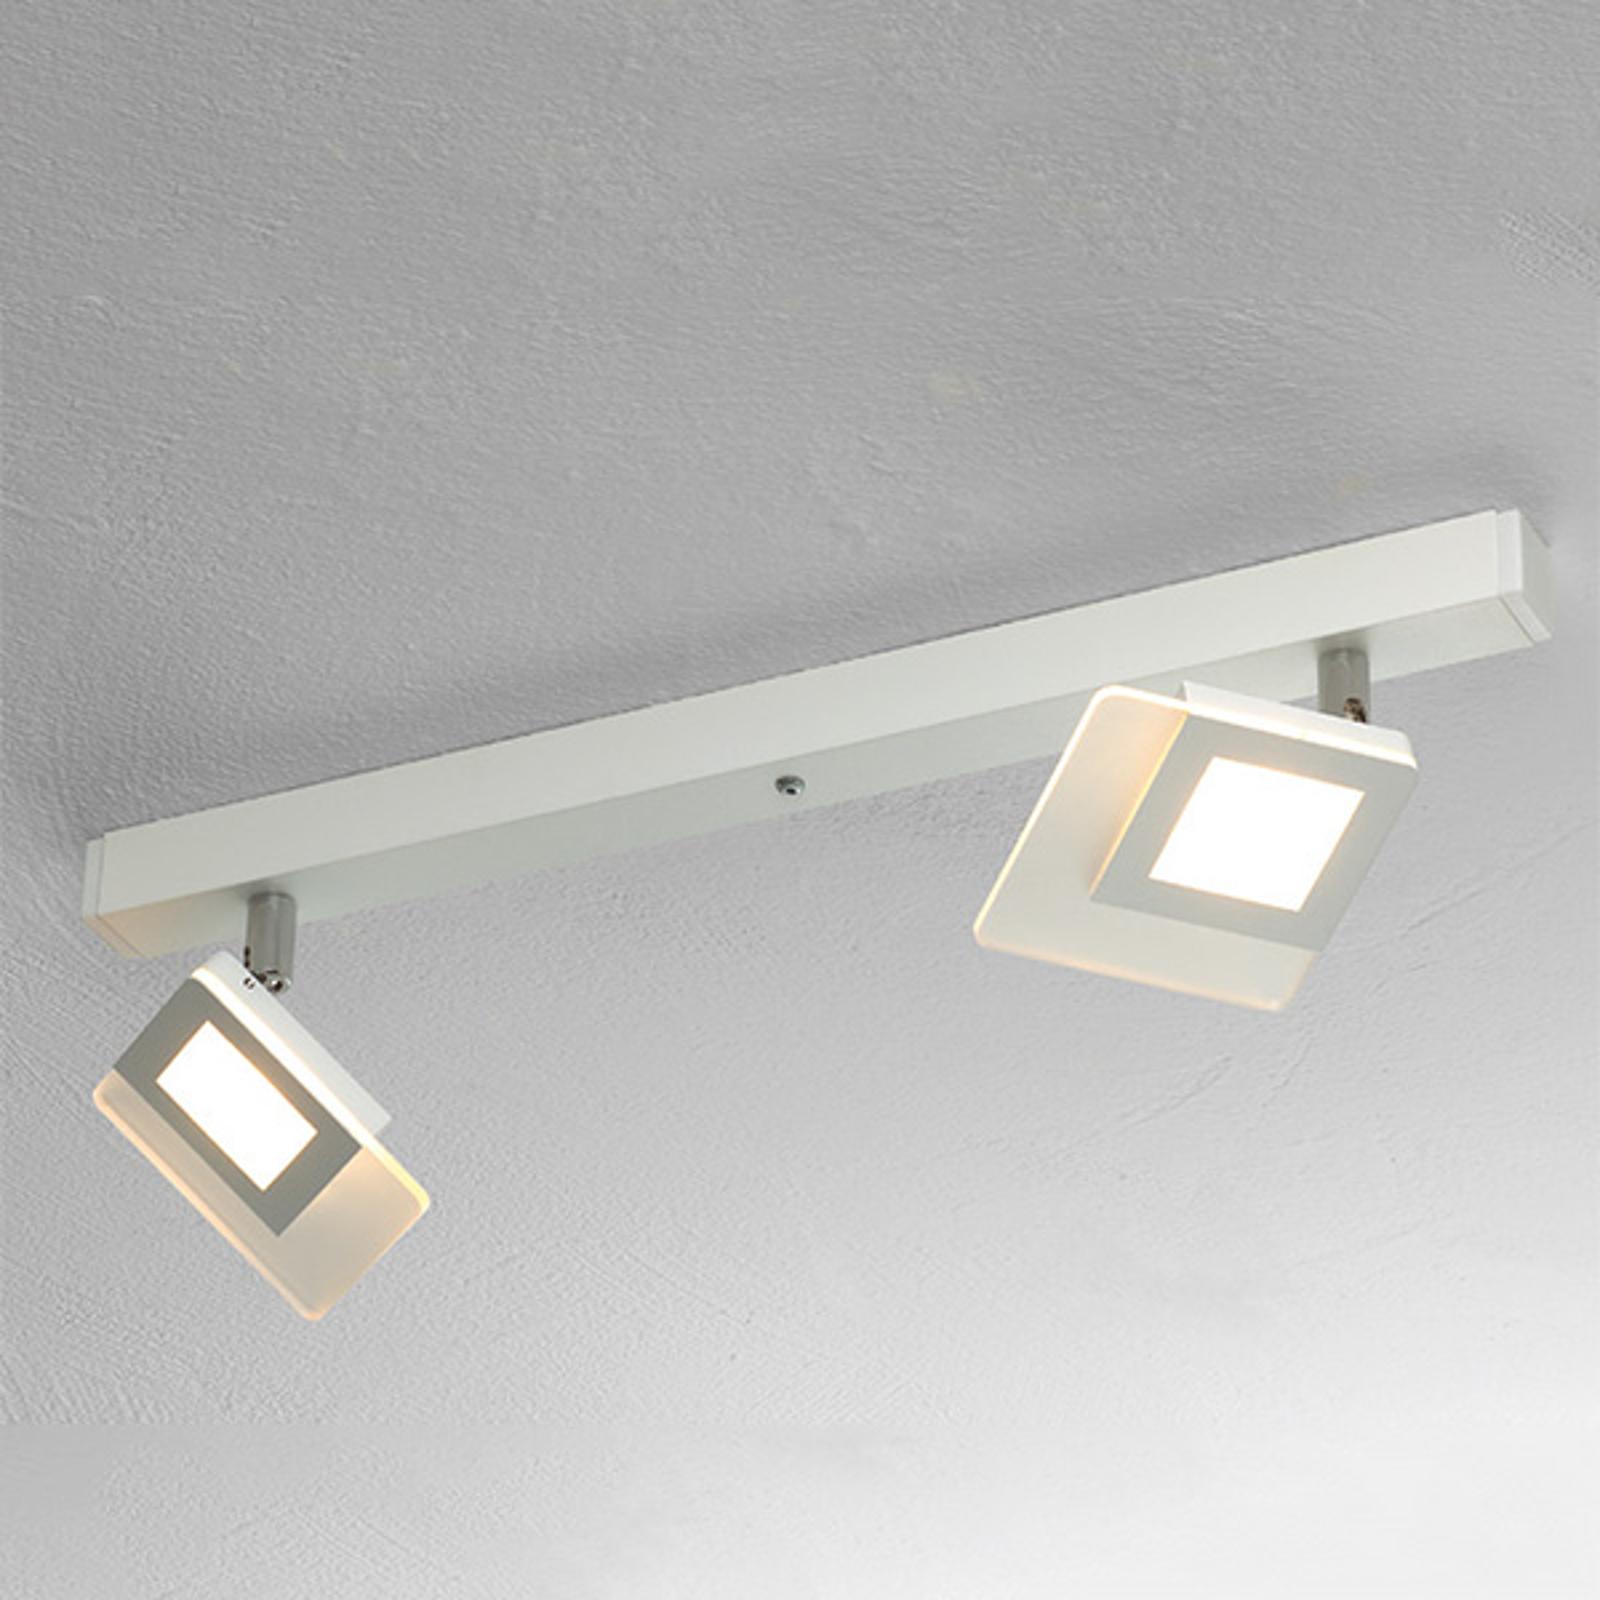 Bopp LED stropní svítidlo Line, bílé